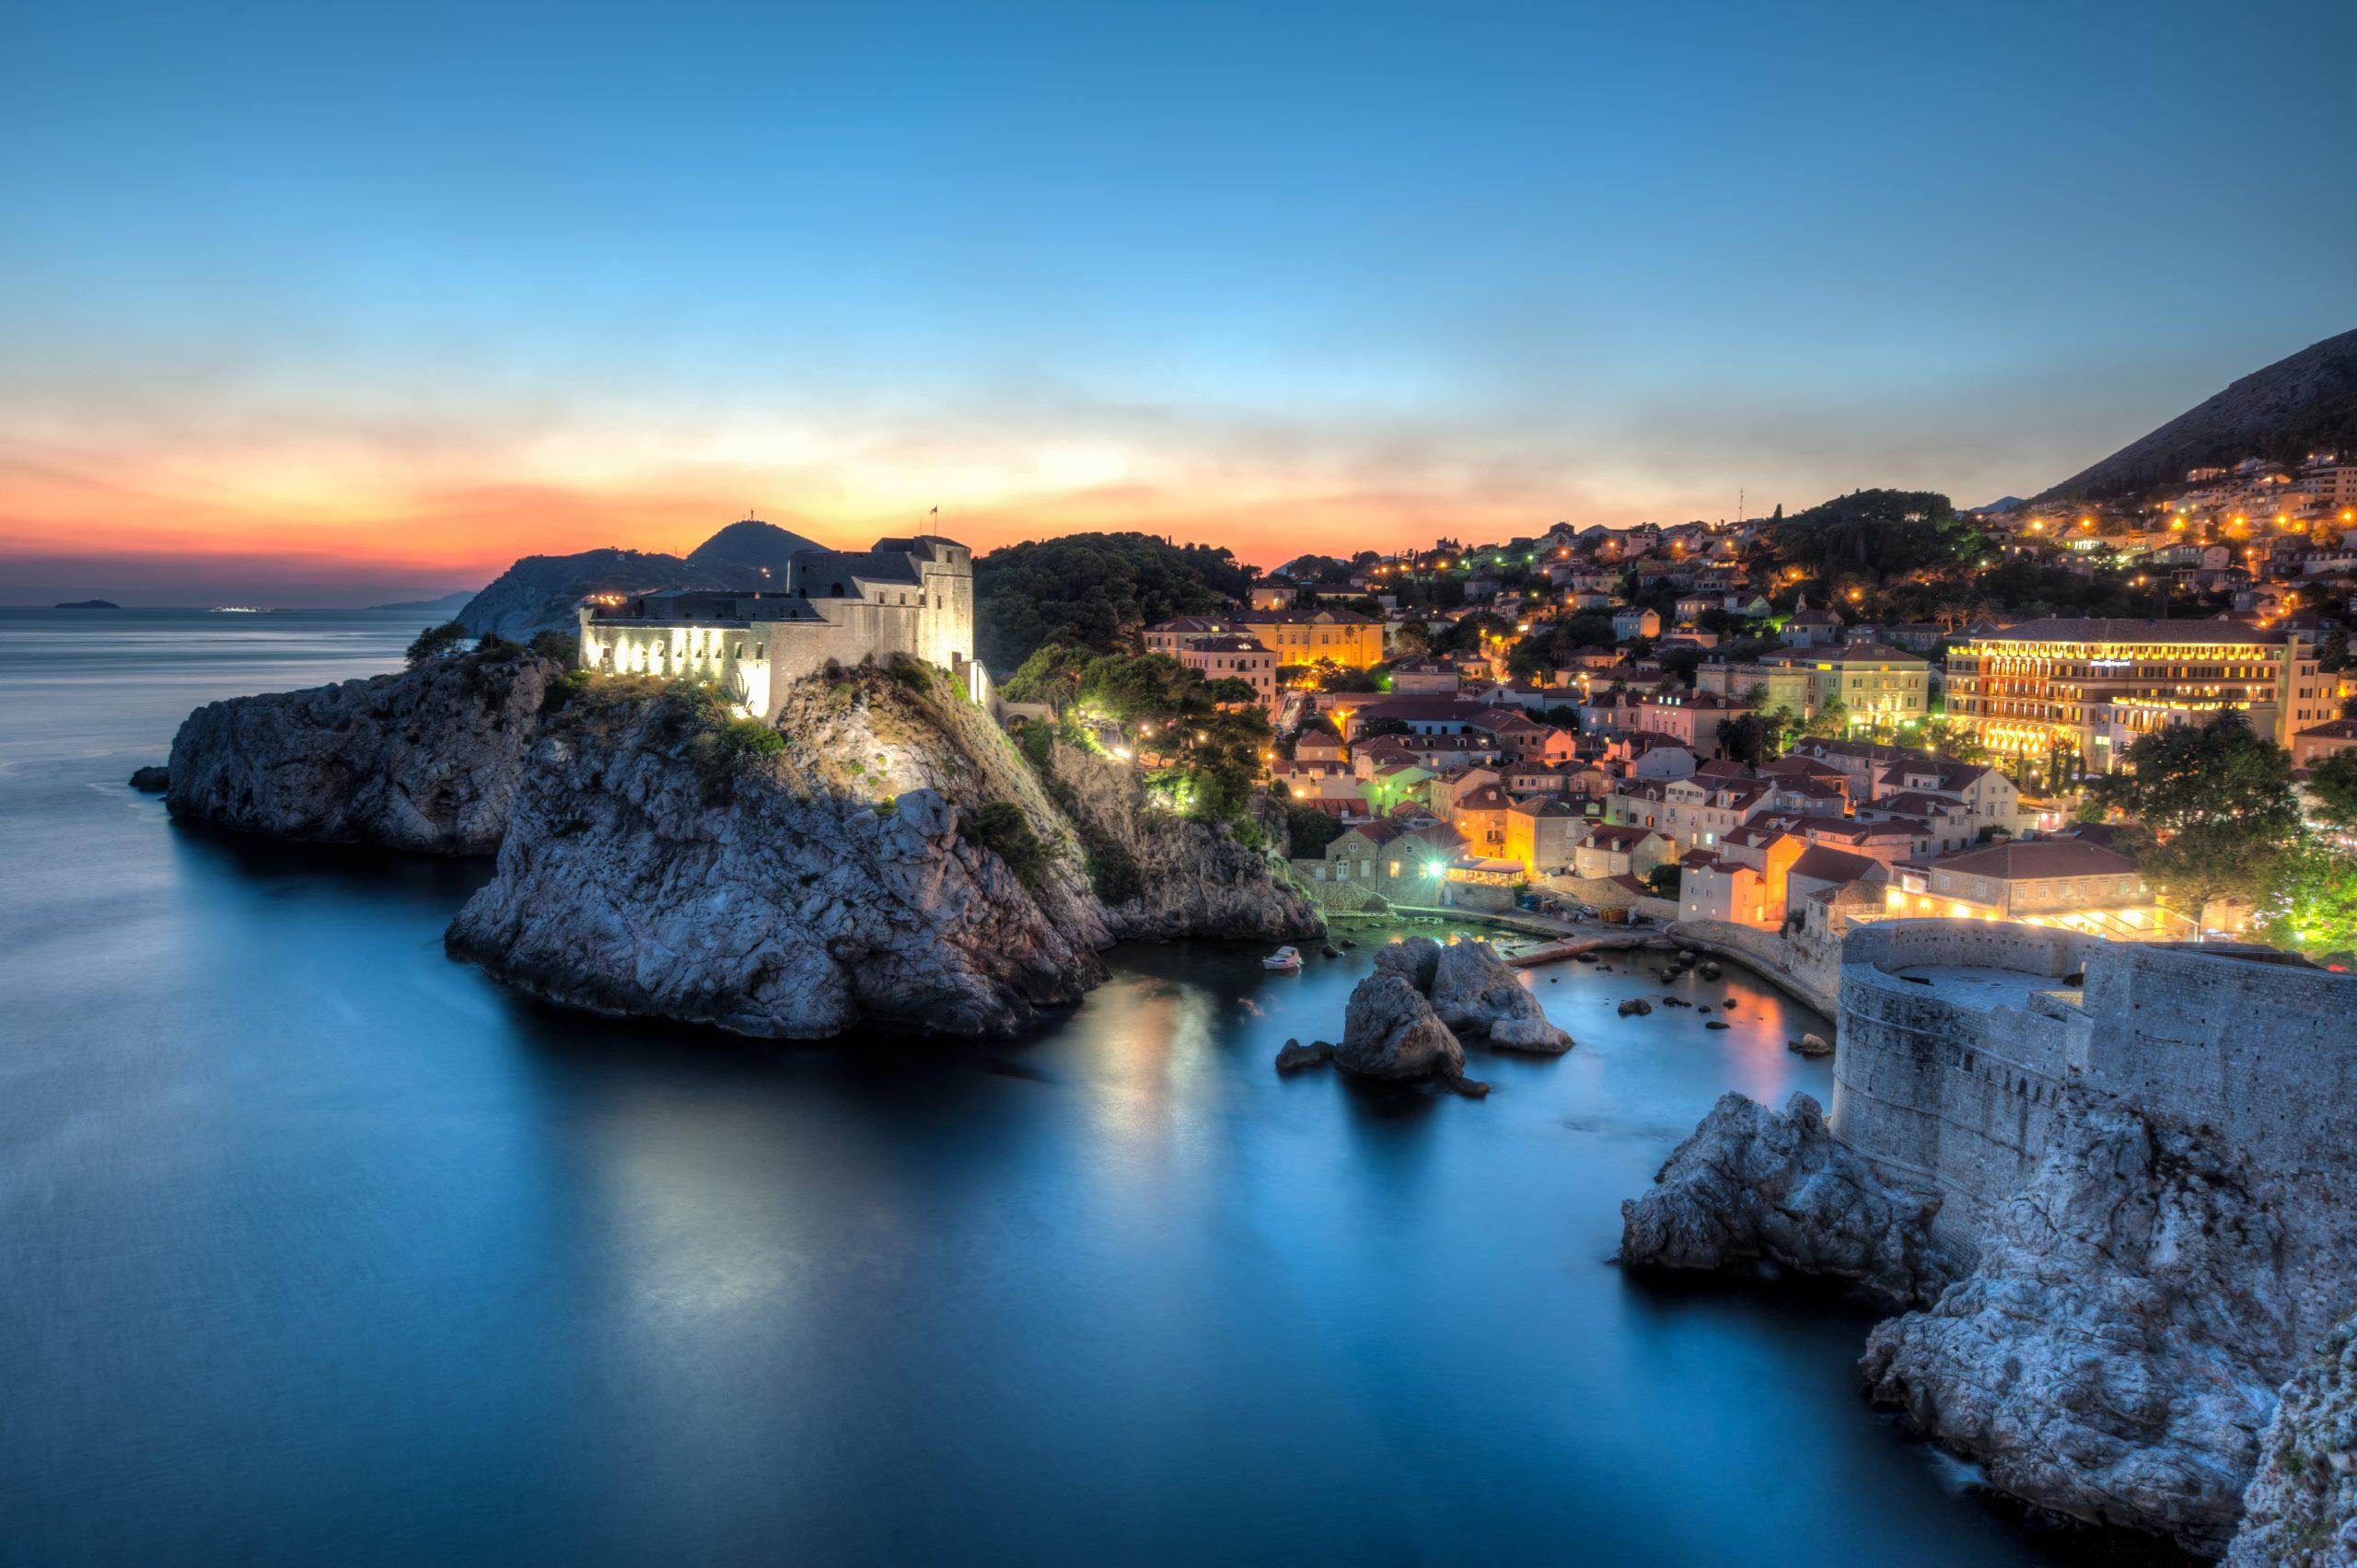 Dubrovnik, Tempat Indah di Pantai Garis Adria